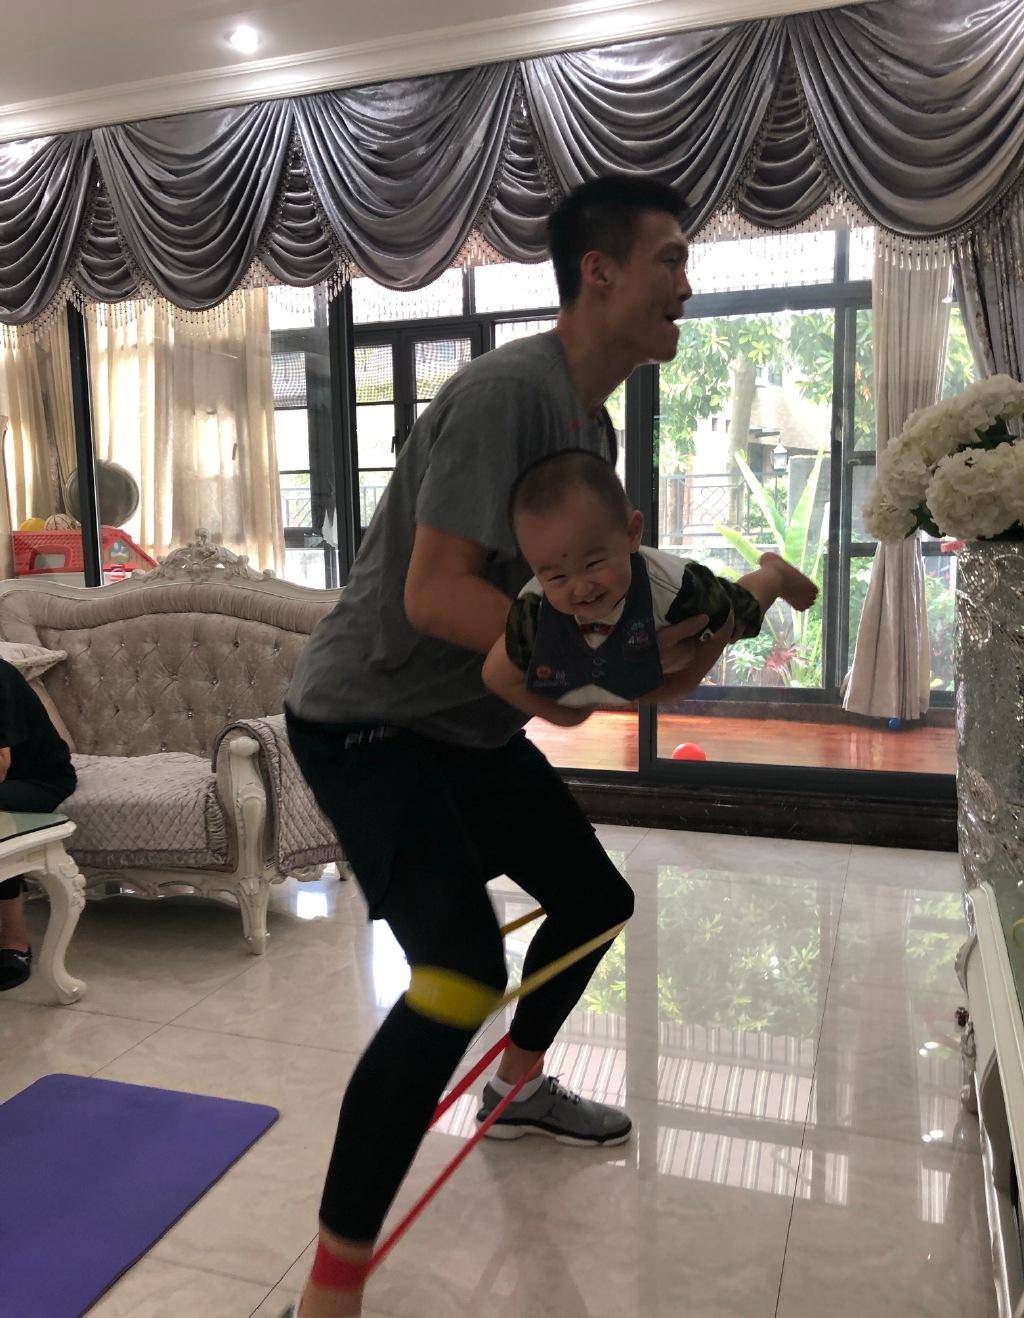 周鹏在家带儿子锻炼!大面积豪宅曝光,老婆曾是上海交大高材生